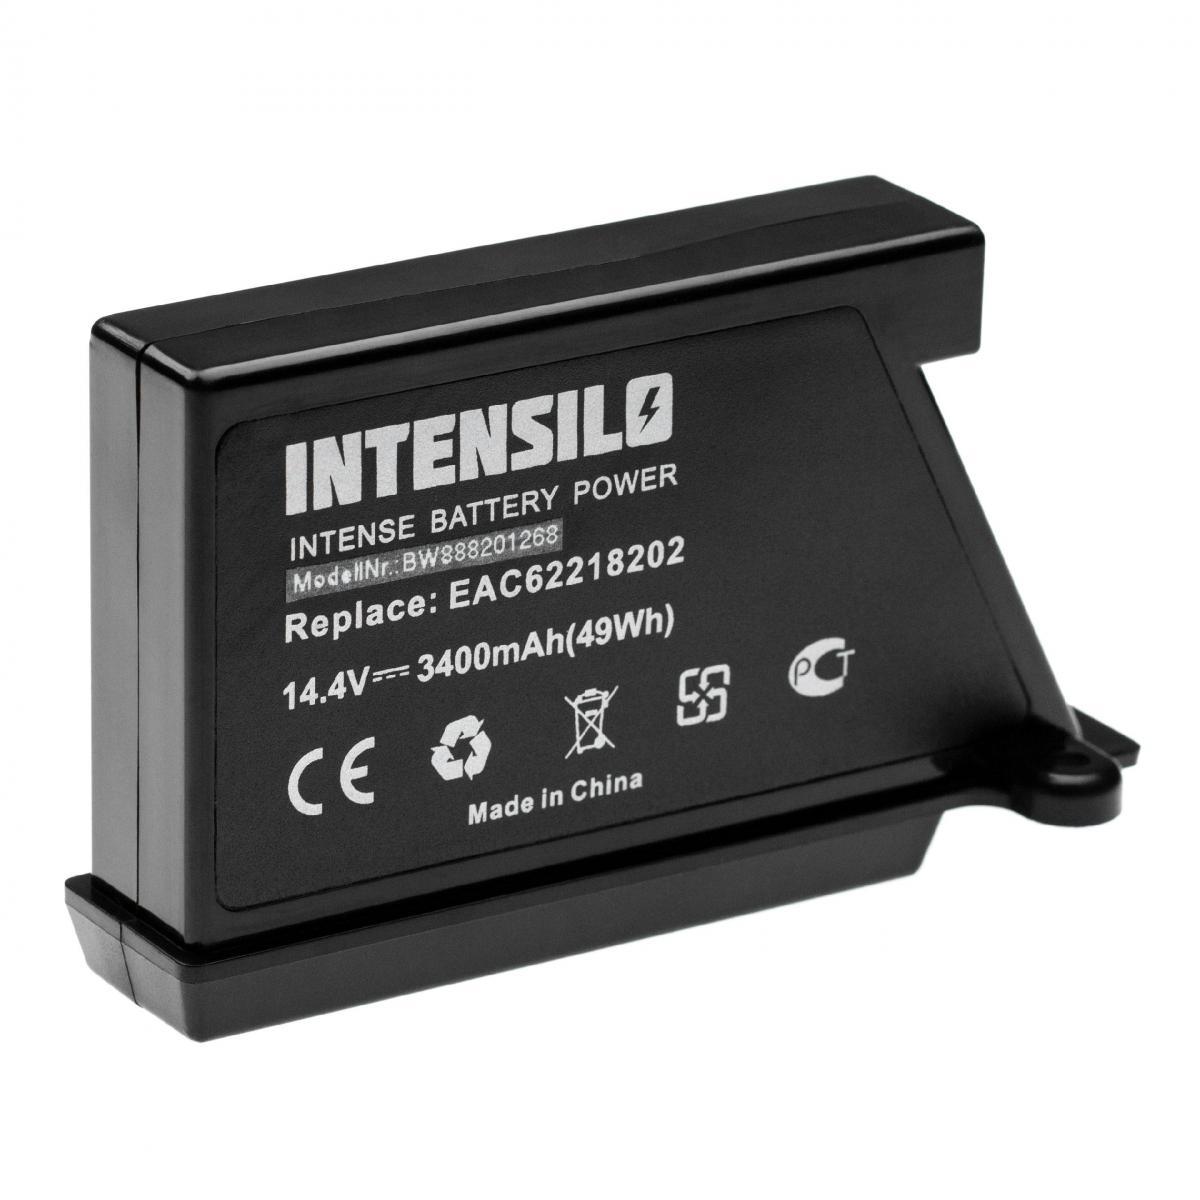 Vhbw INTENSILO Batterie compatible avec LG HOM-BOT VR65713LVM, VR65715LVM, VR66713LVM robot électroménager (3400mAh, 14,4V, L